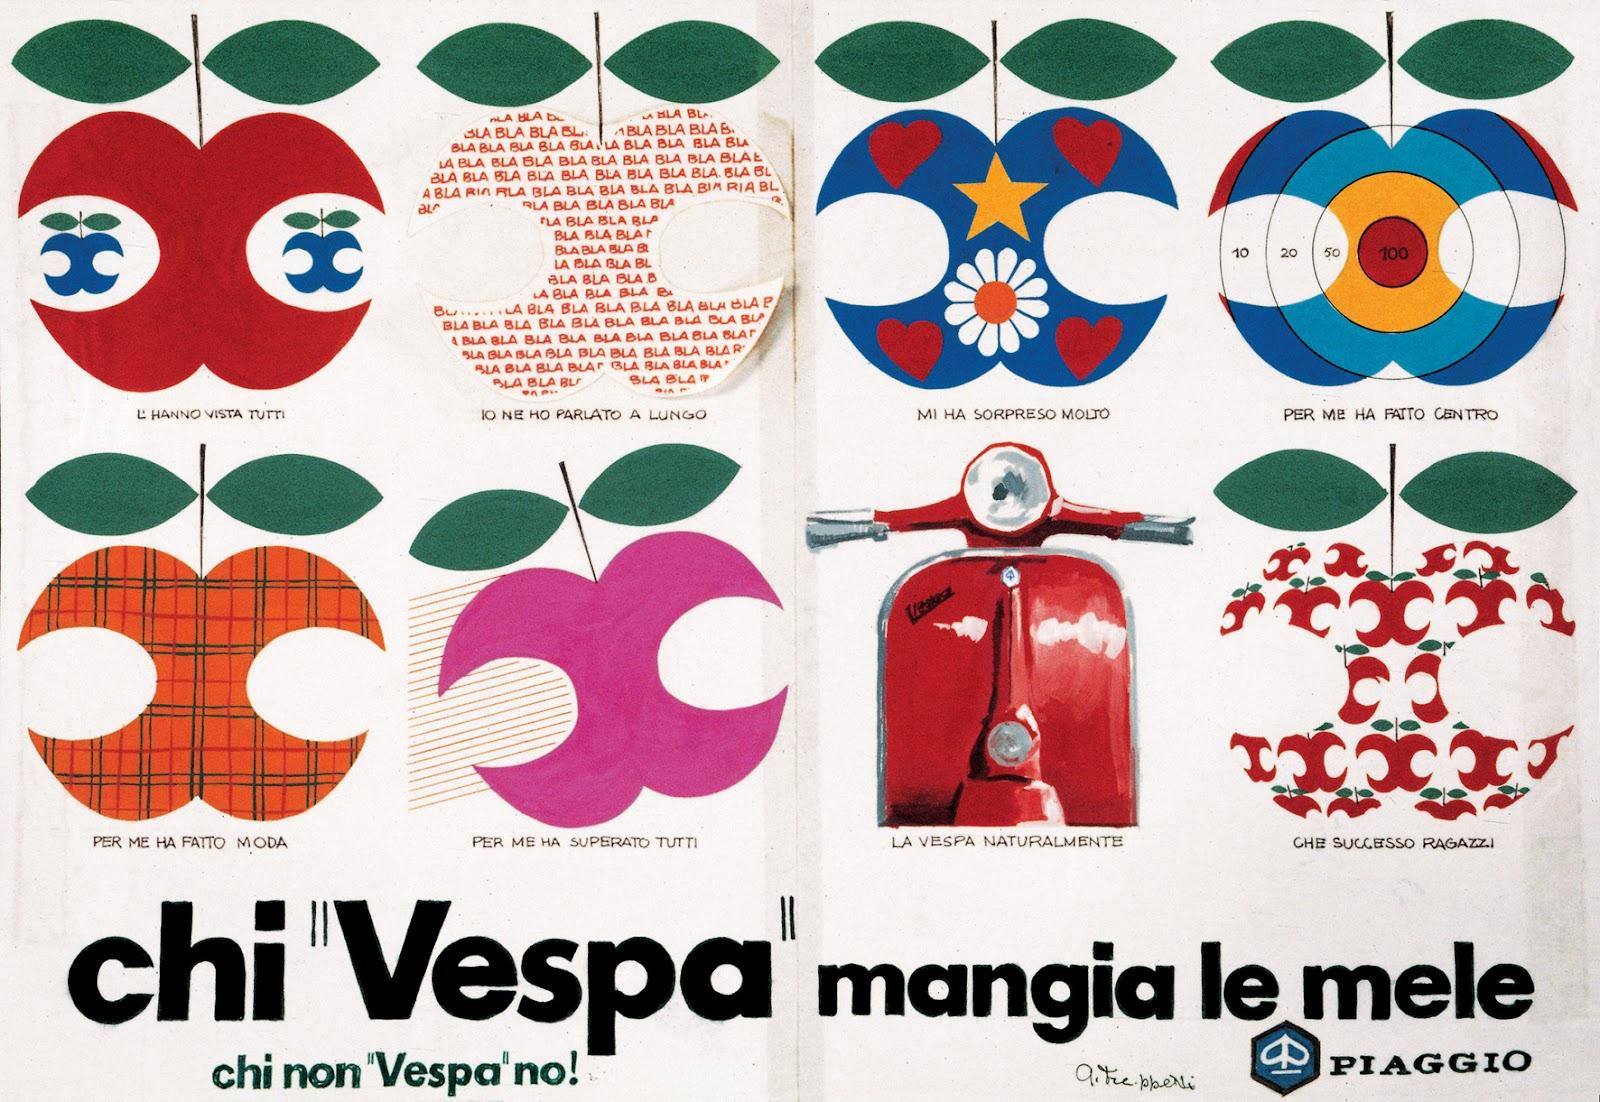 Una de las tantas piezas impresas que se usaron durante la época visualmente basada en el neodadaismo, estilo usado dentro del movimiento hippie